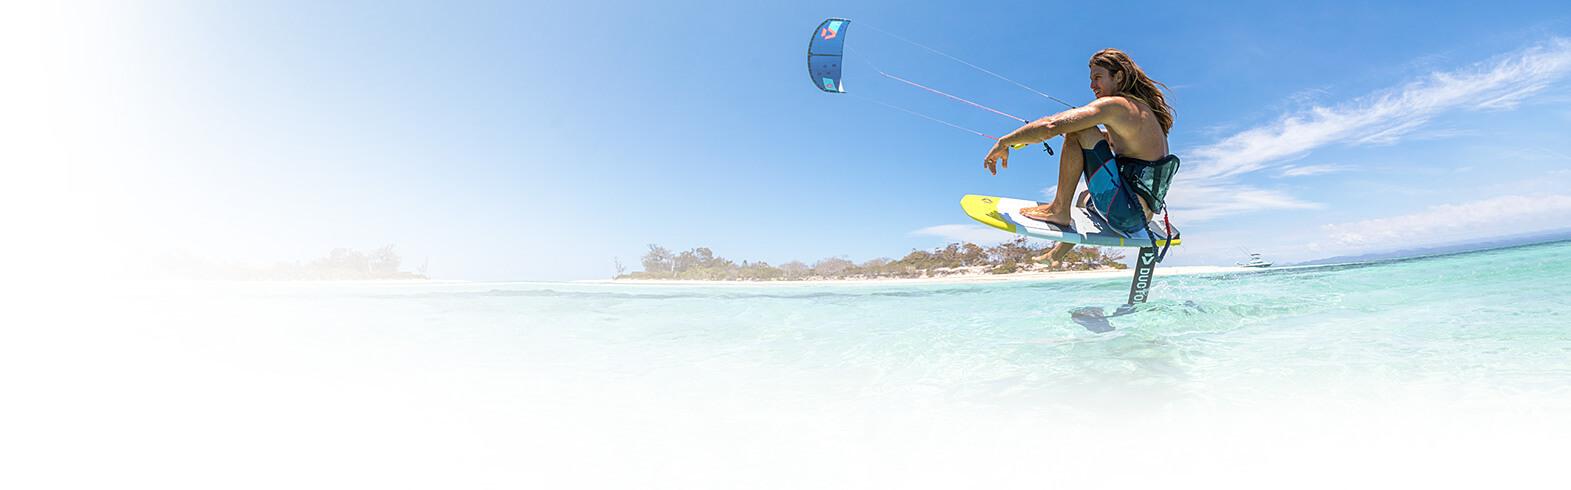 Kitesurfing Banner